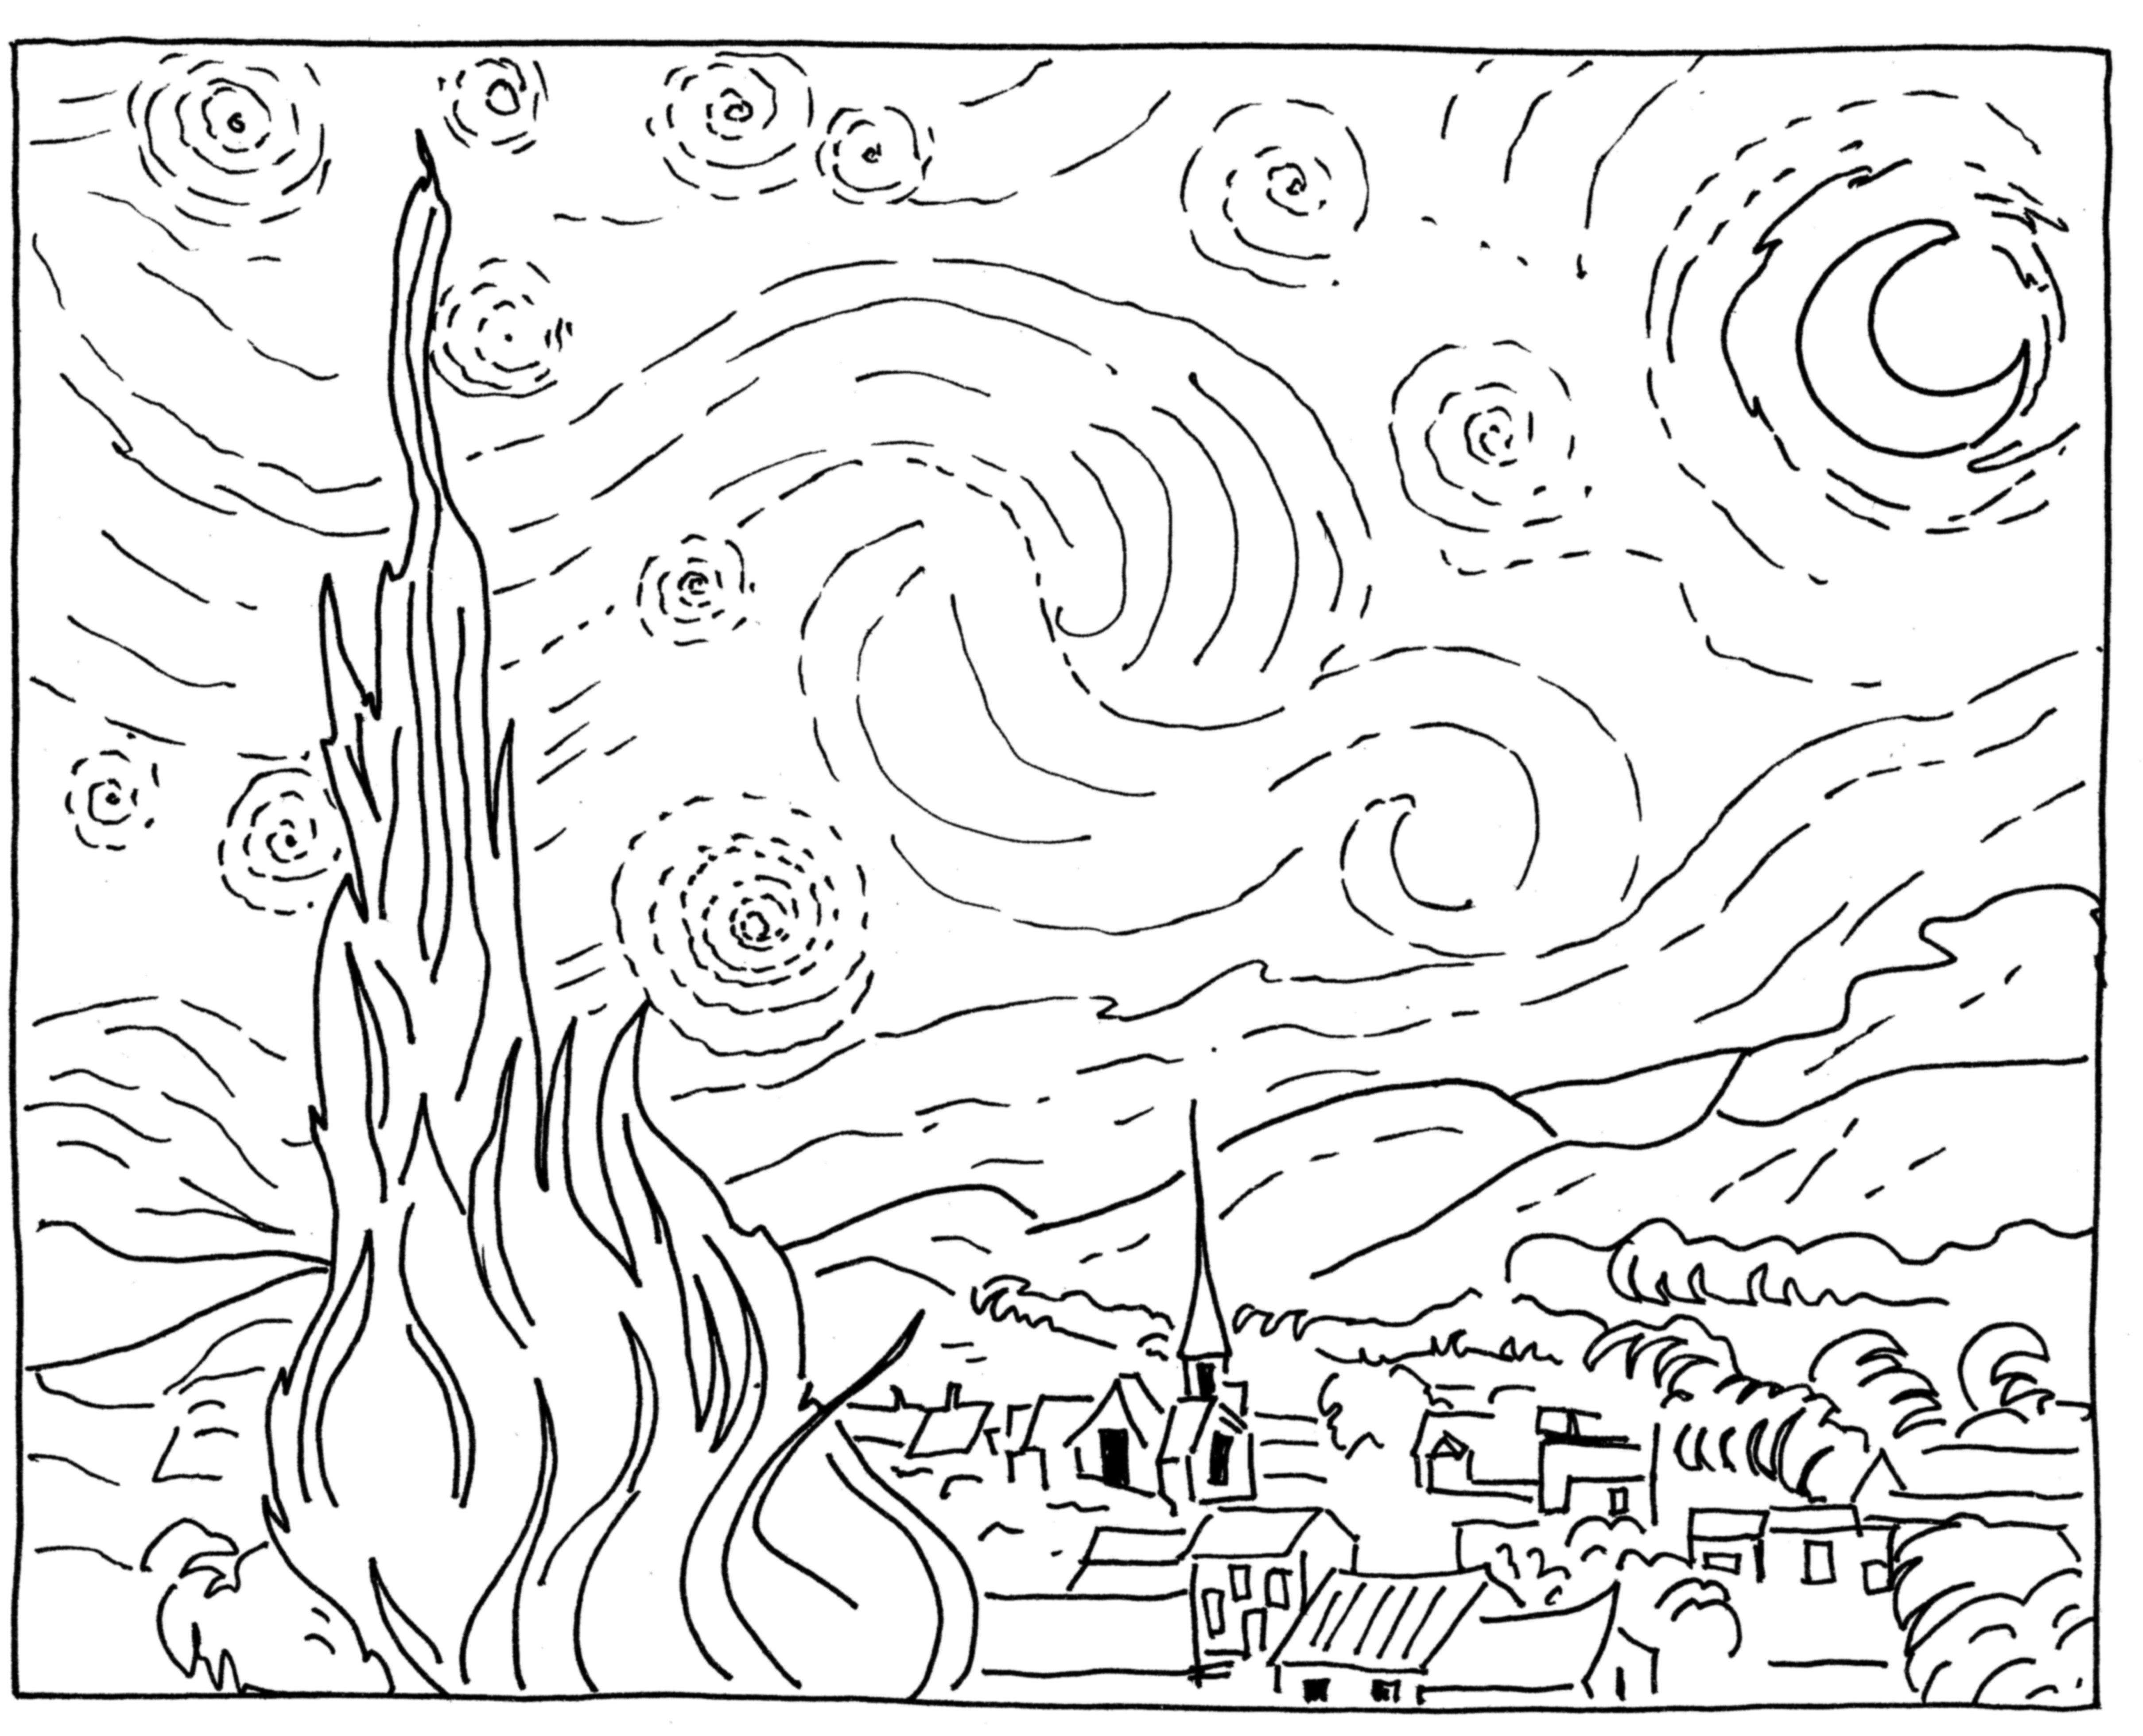 Sponge Painting Van Gogh Starry Night In The Playroom Starry Night Van Gogh Starry Night Painting Van Gogh Tattoo